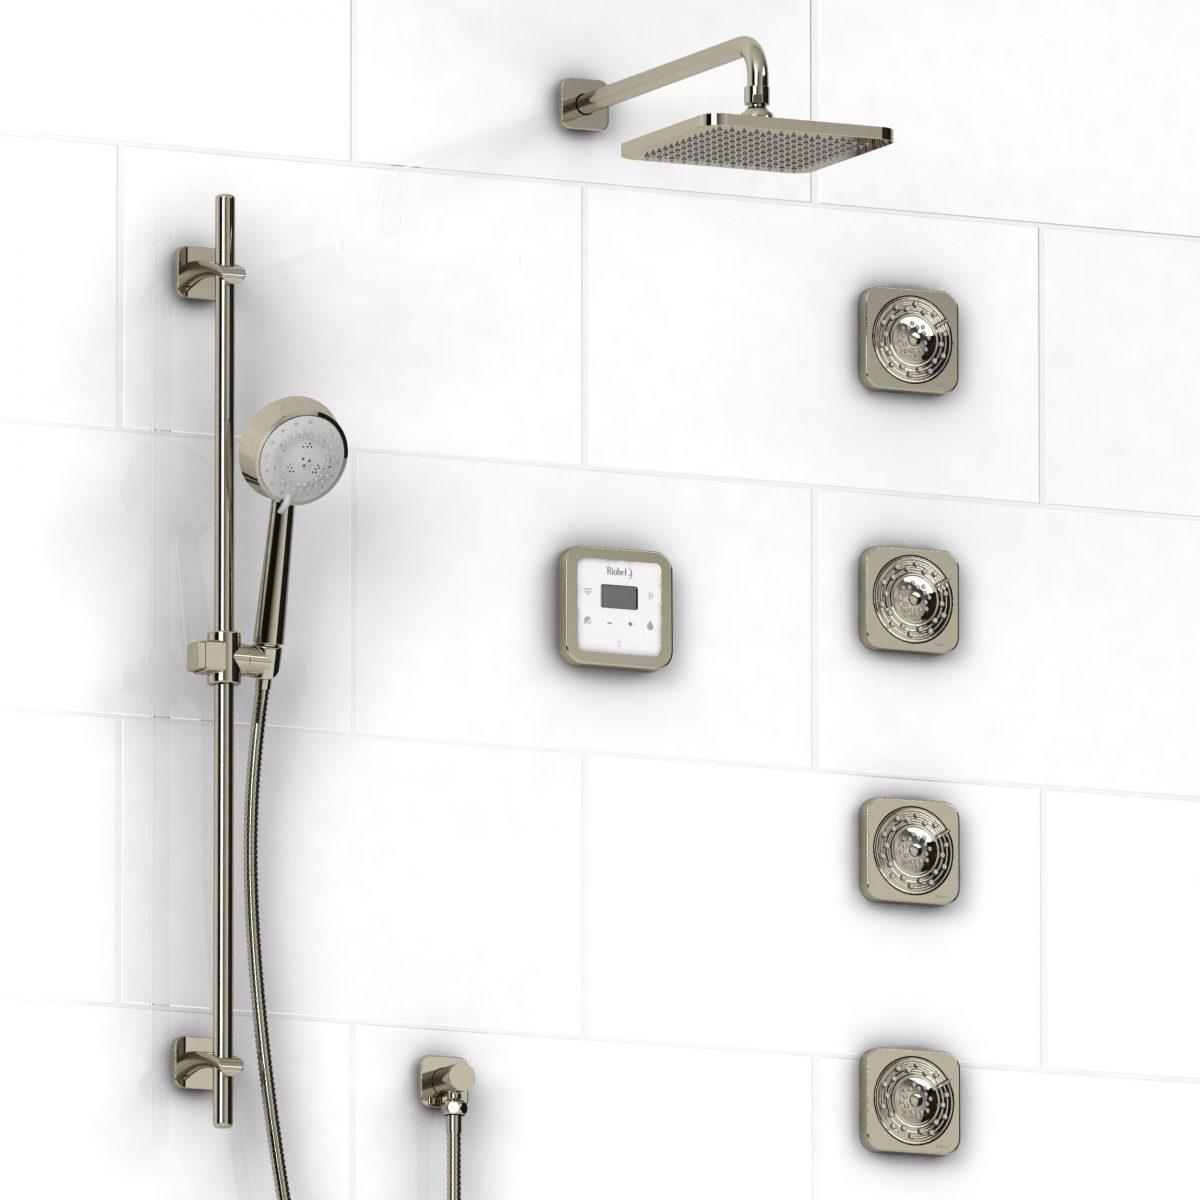 KIT92ISSAPN W Riobel Shower